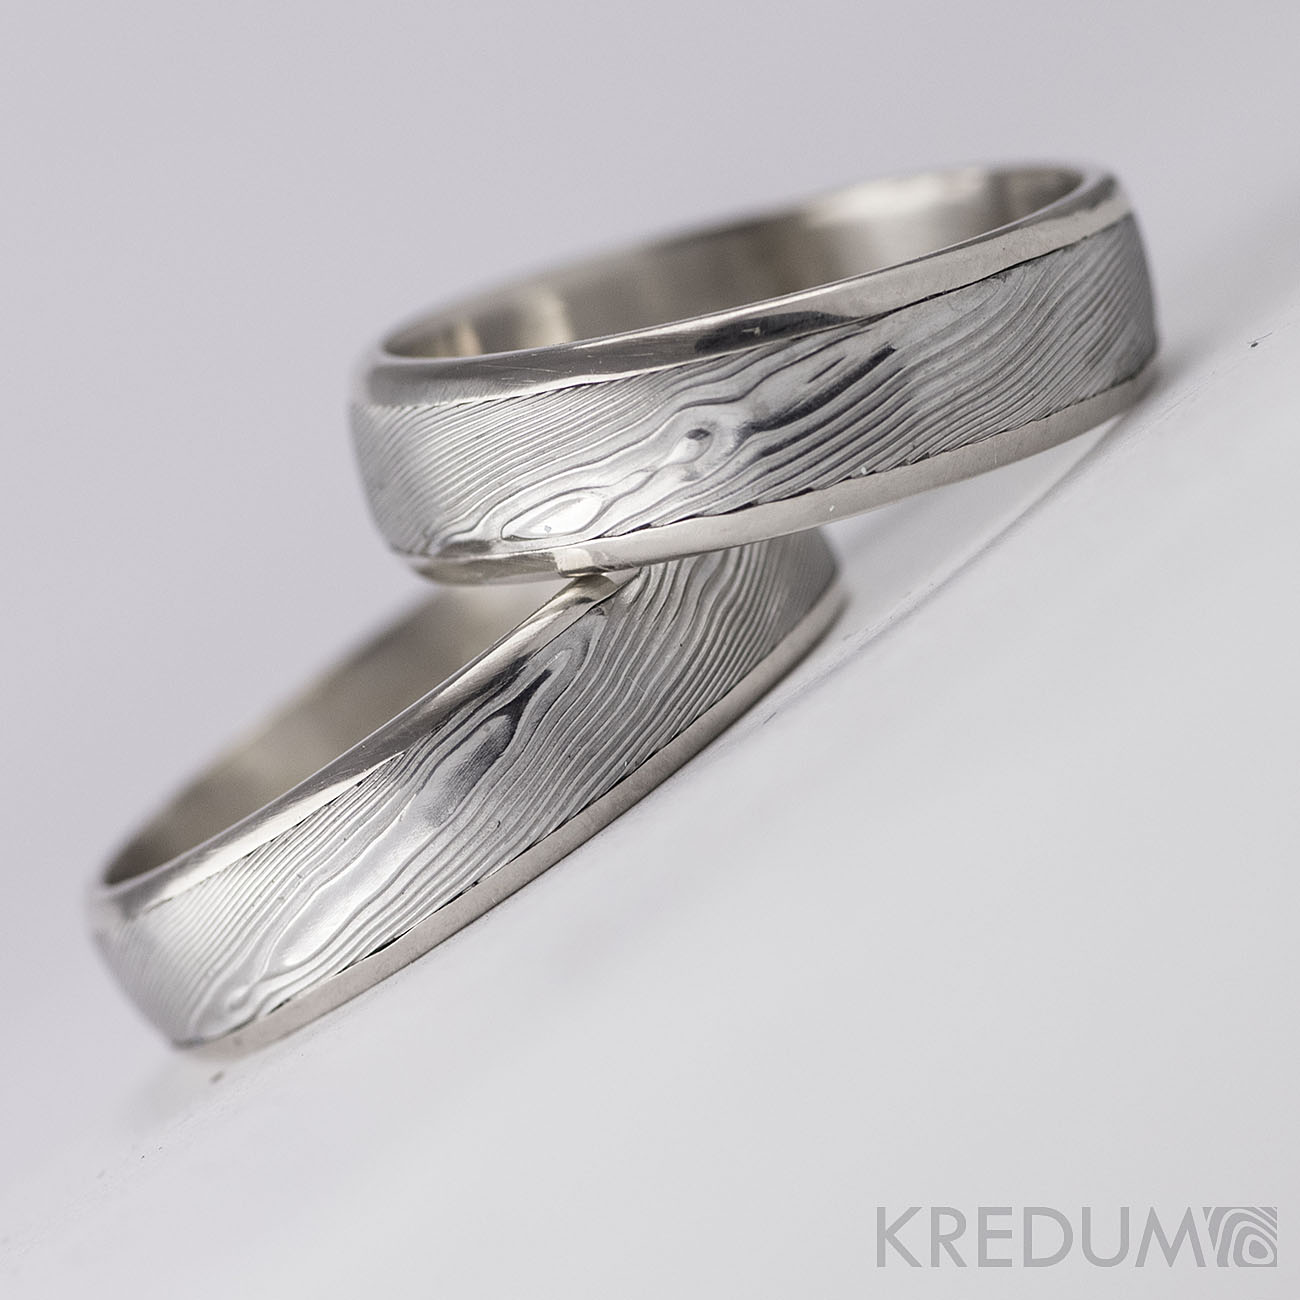 Pár nových prstenů v kombinaci damasteel a zlato, bílé zlato či stříbro - Obrázek č. 2